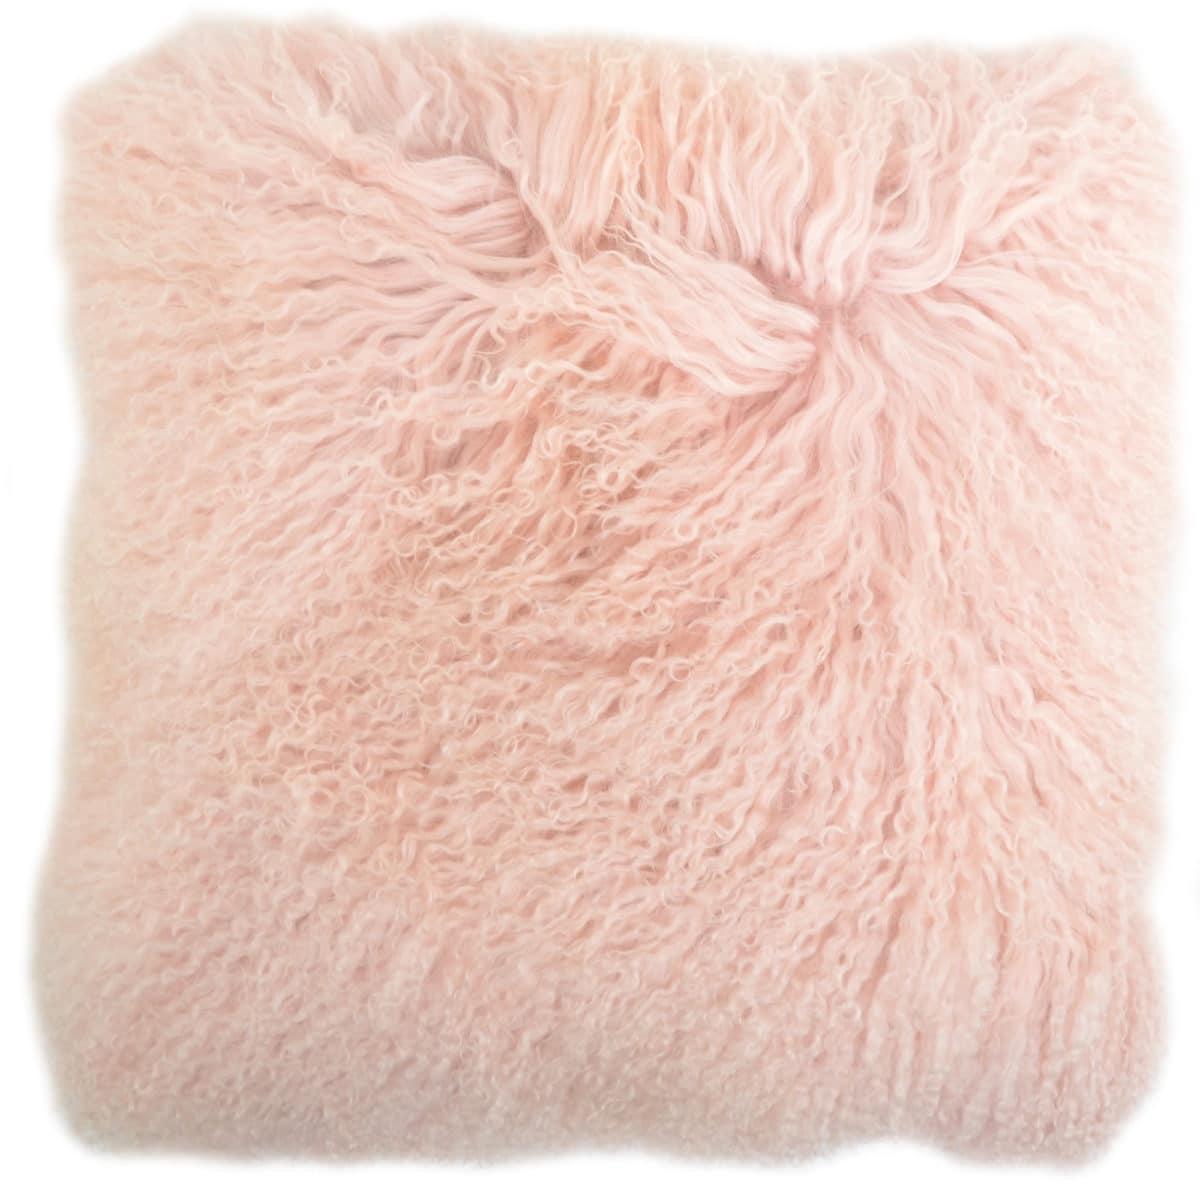 Snugrugs Mongolian Sheepskin Cushion 40cm x 40cm – Pink